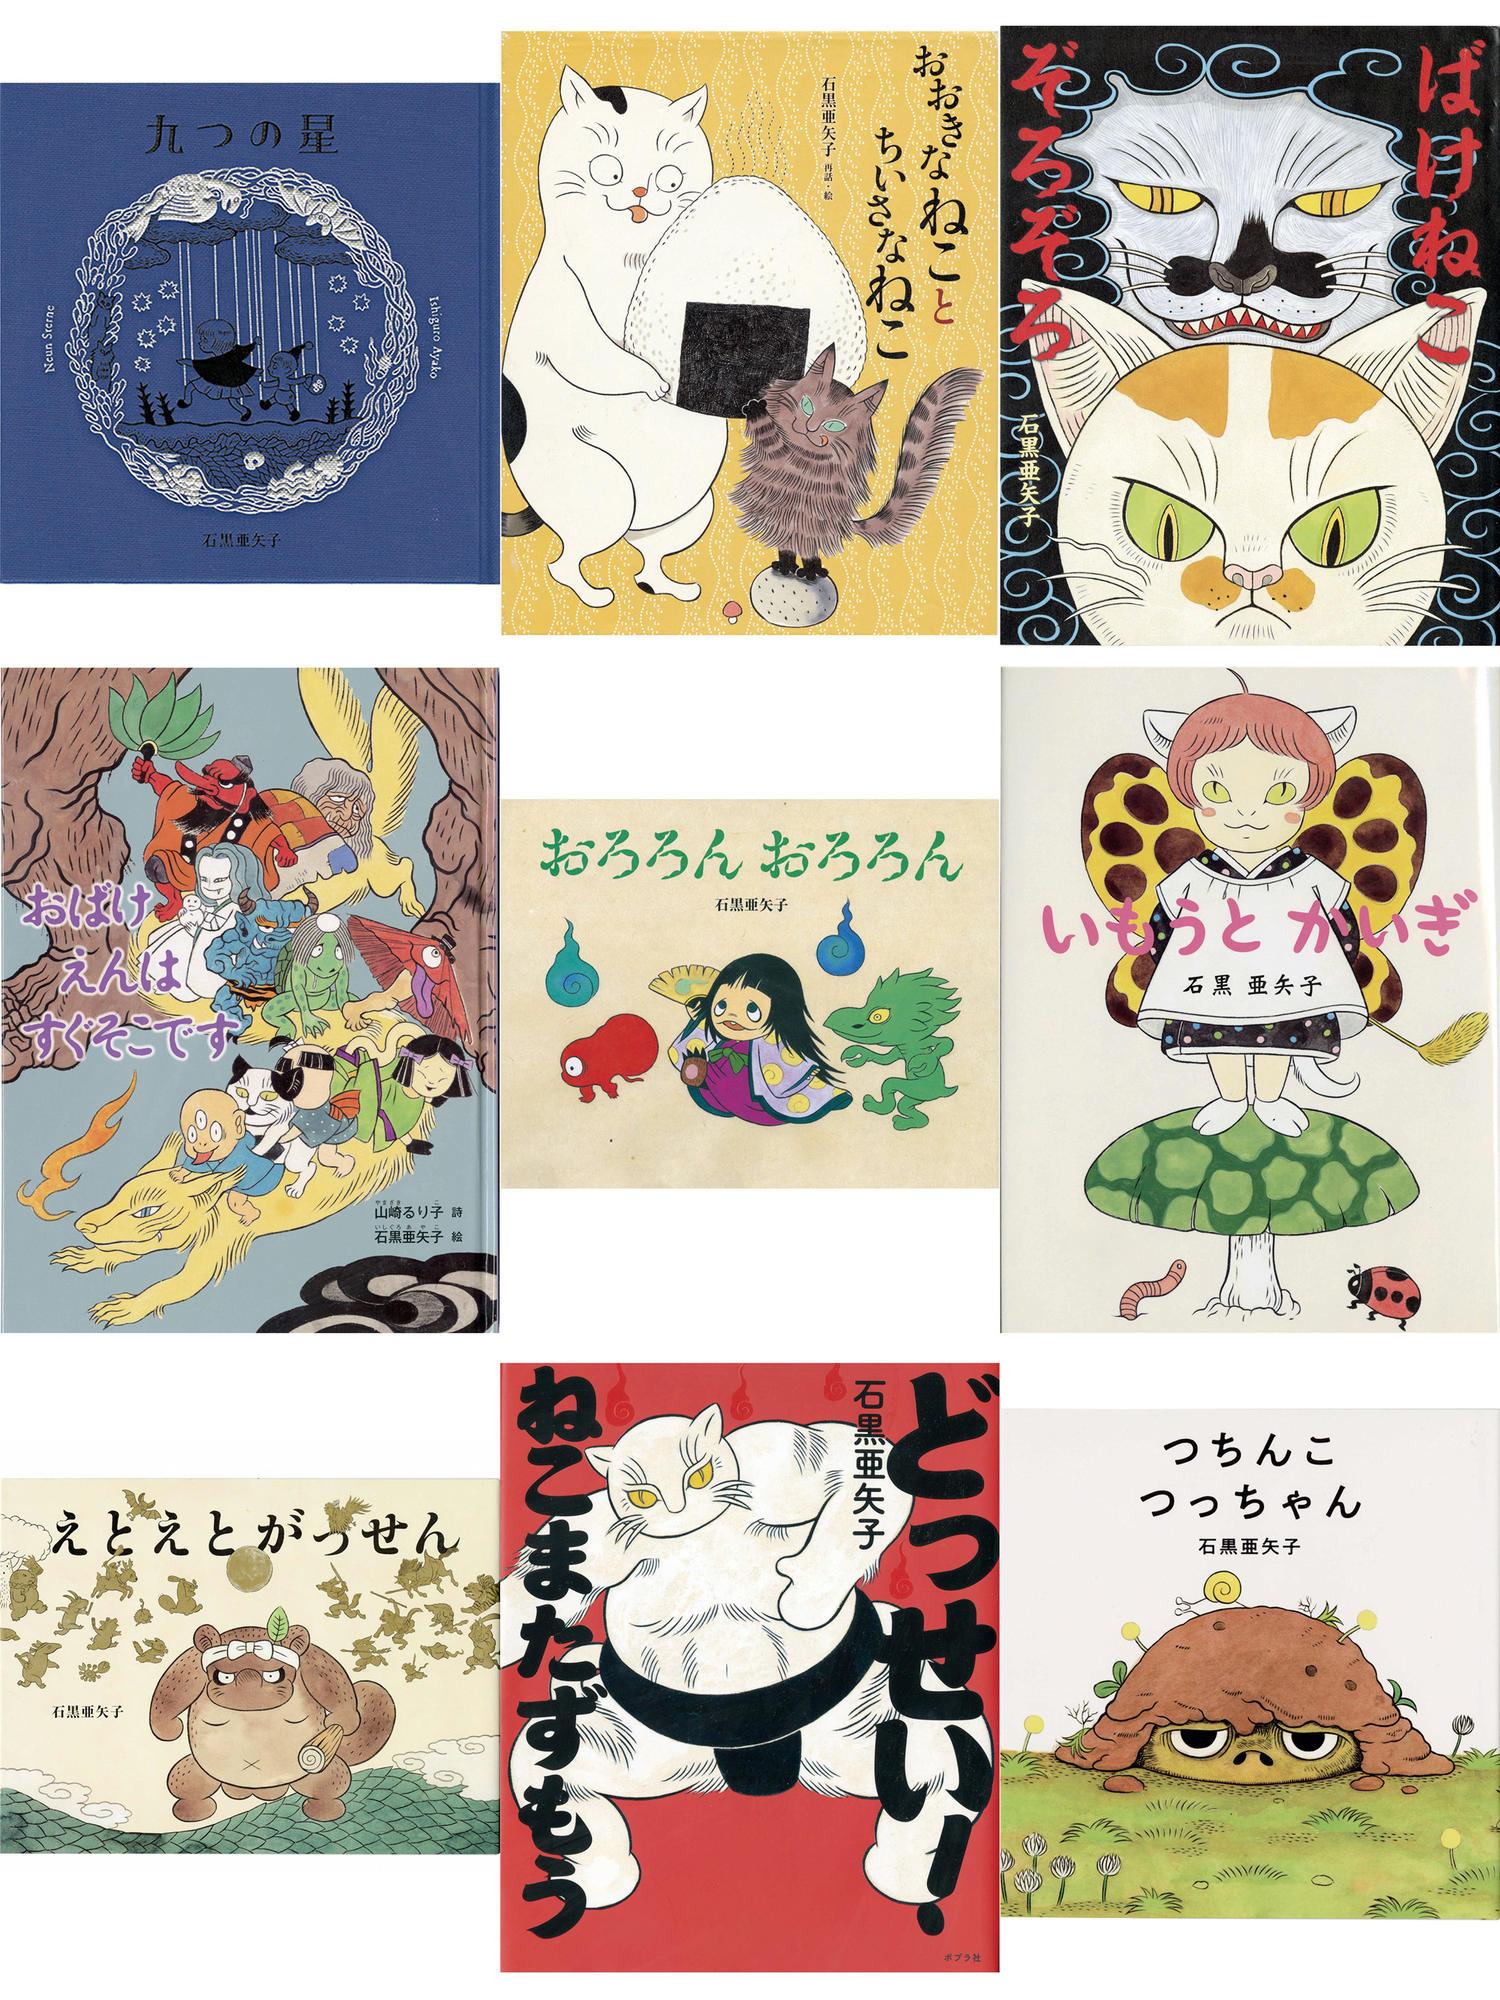 石黒亜矢子 出版过得画集与绘本